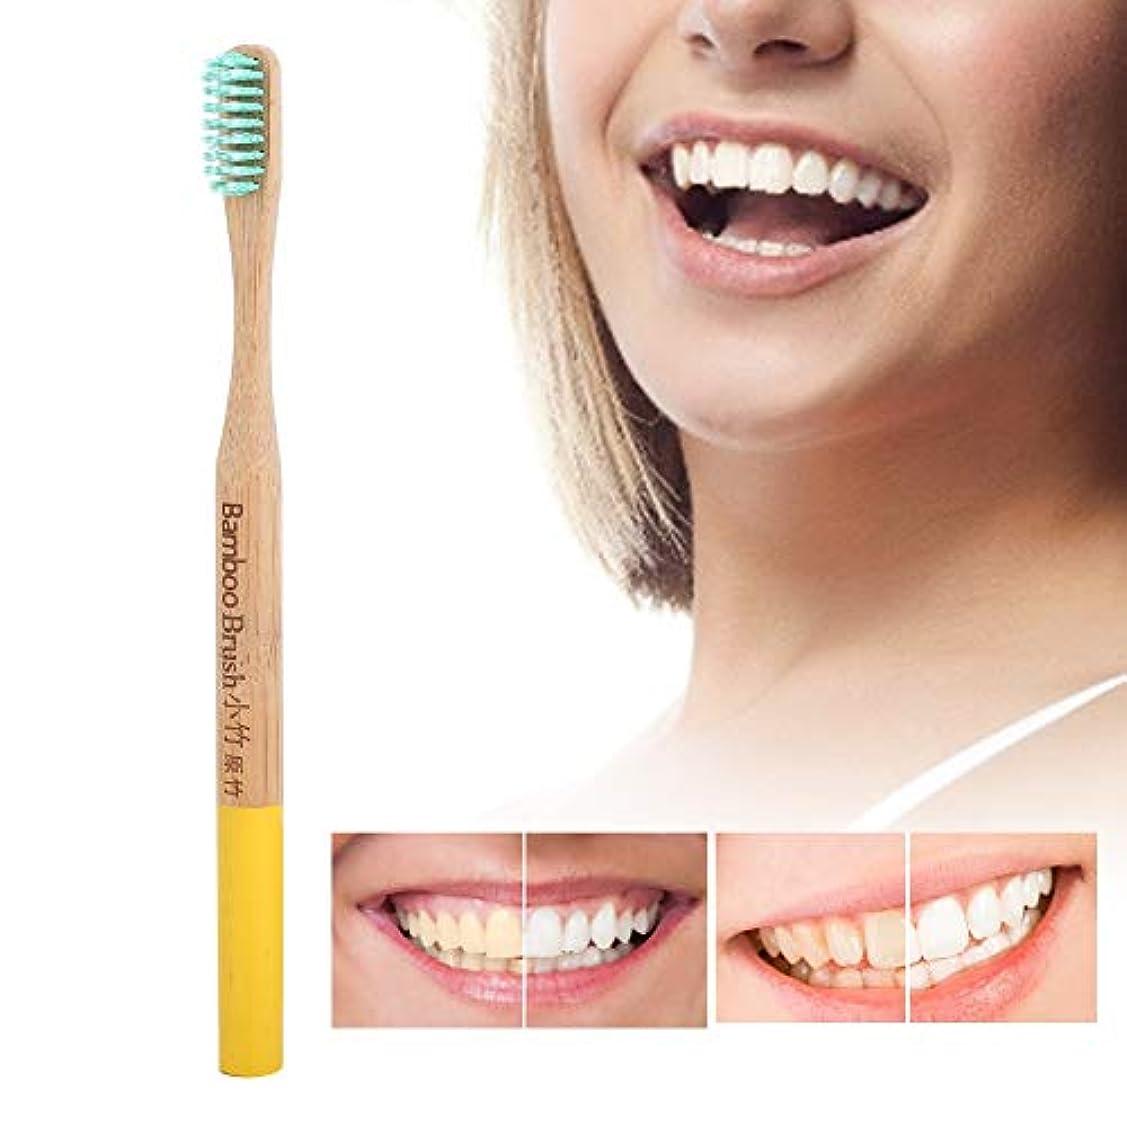 試用消す収束歯ブラシソフト細毛竹柄歯ブラシ国内タイプ